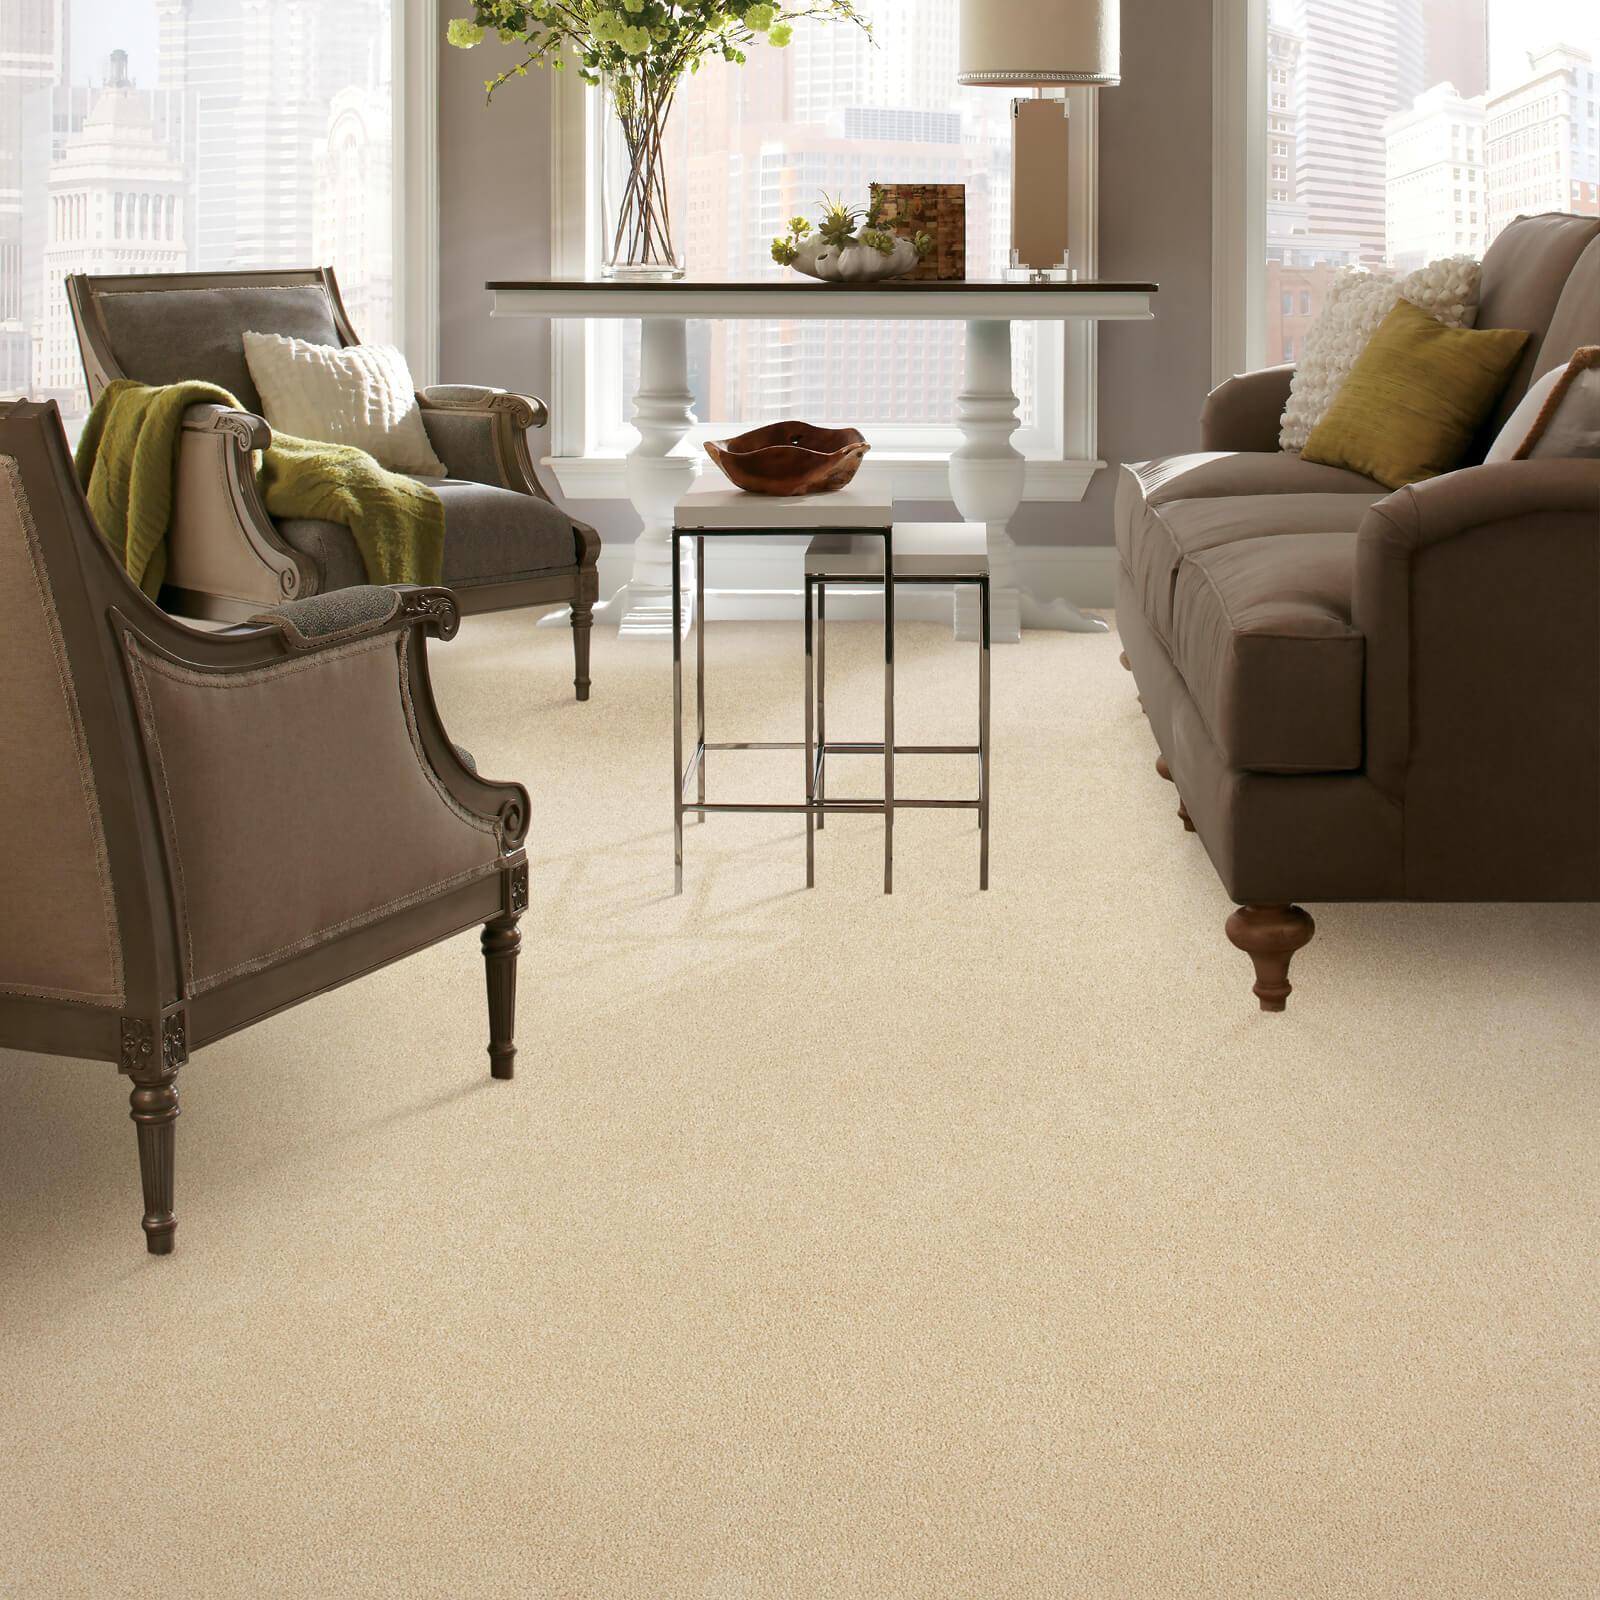 Sofaset on carpet   We'll Floor You